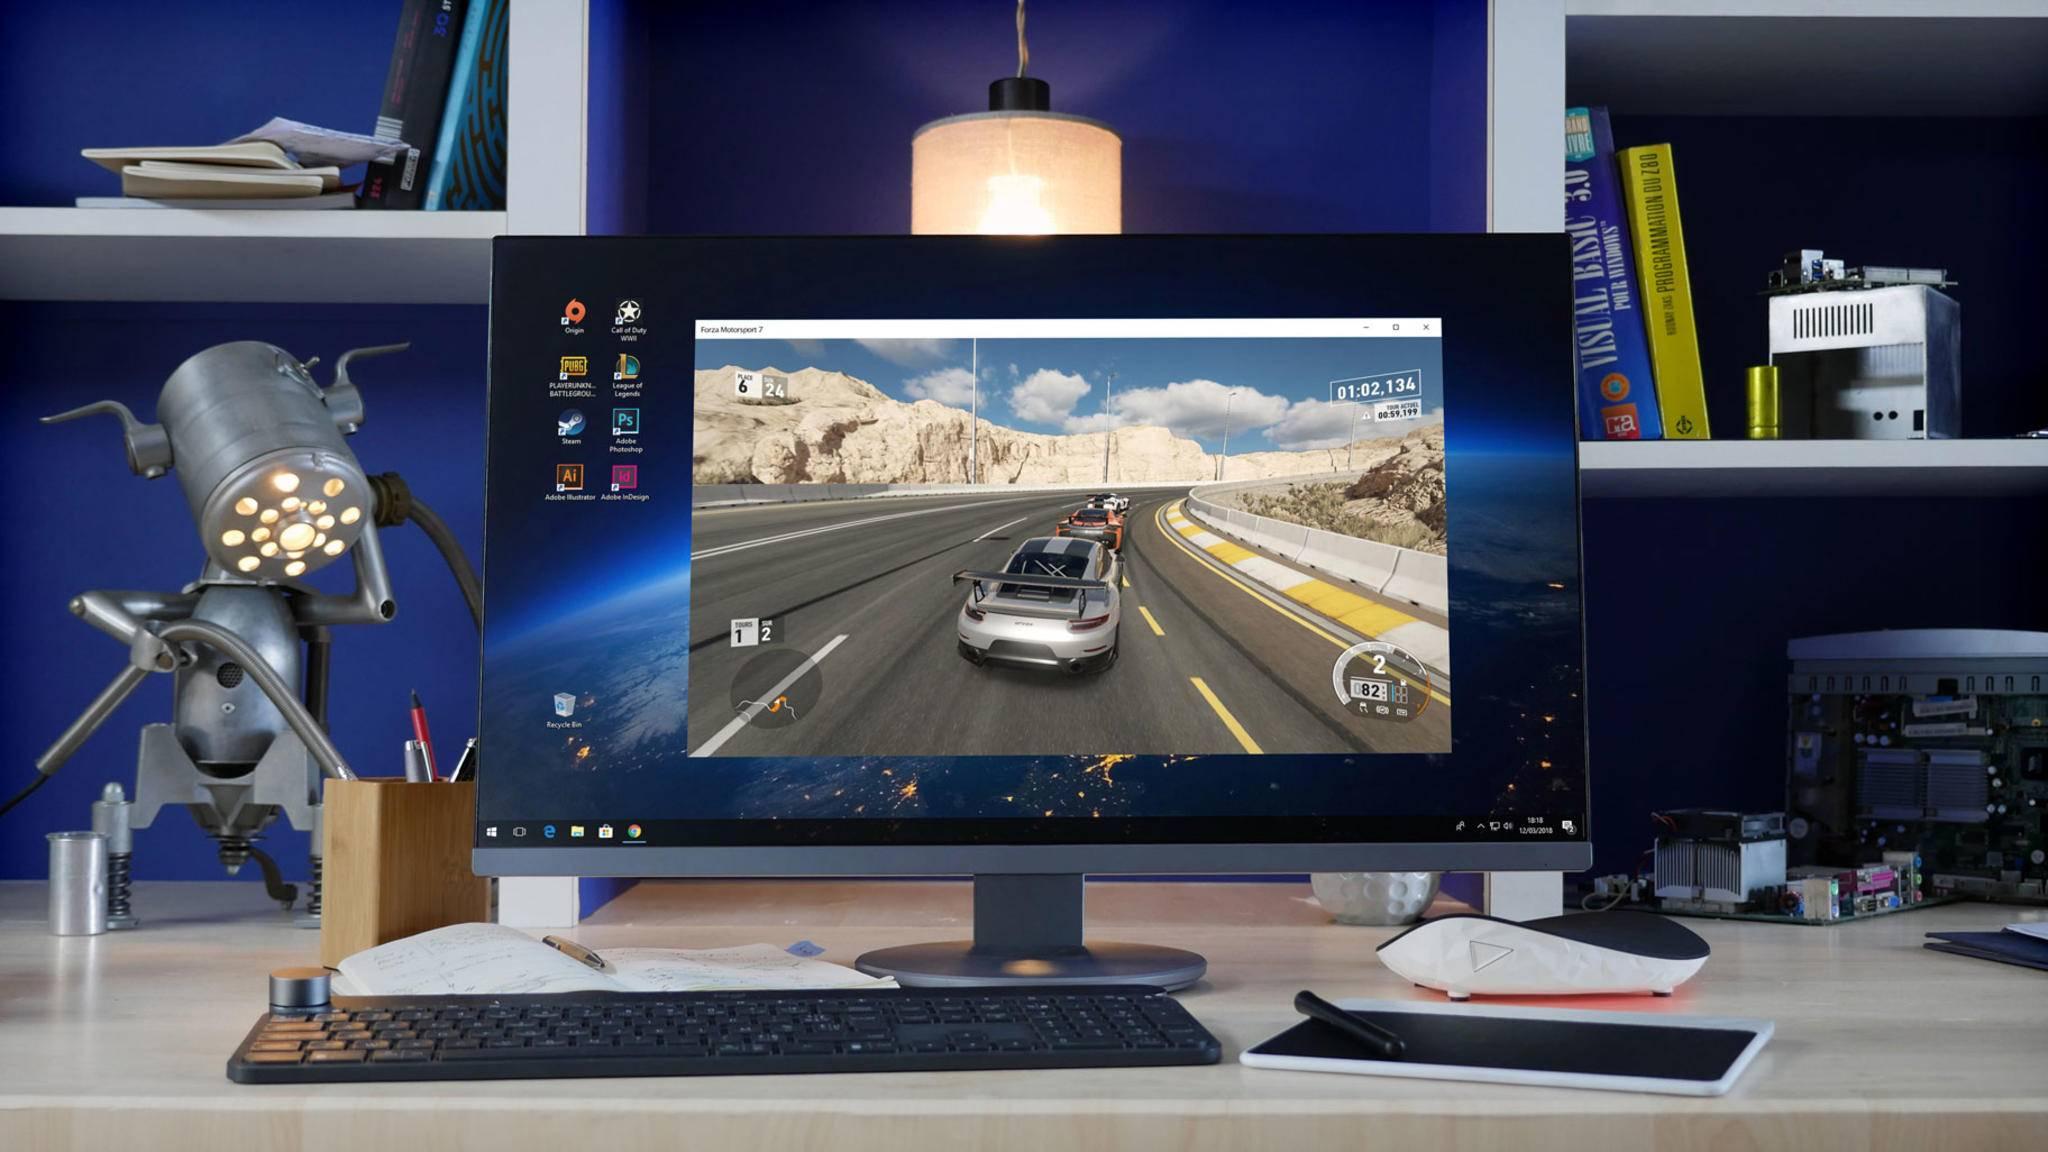 Shadow ermöglicht es Dir, von überall auf einen leistungsstarken Gaming-Rechner zuzugreifen.